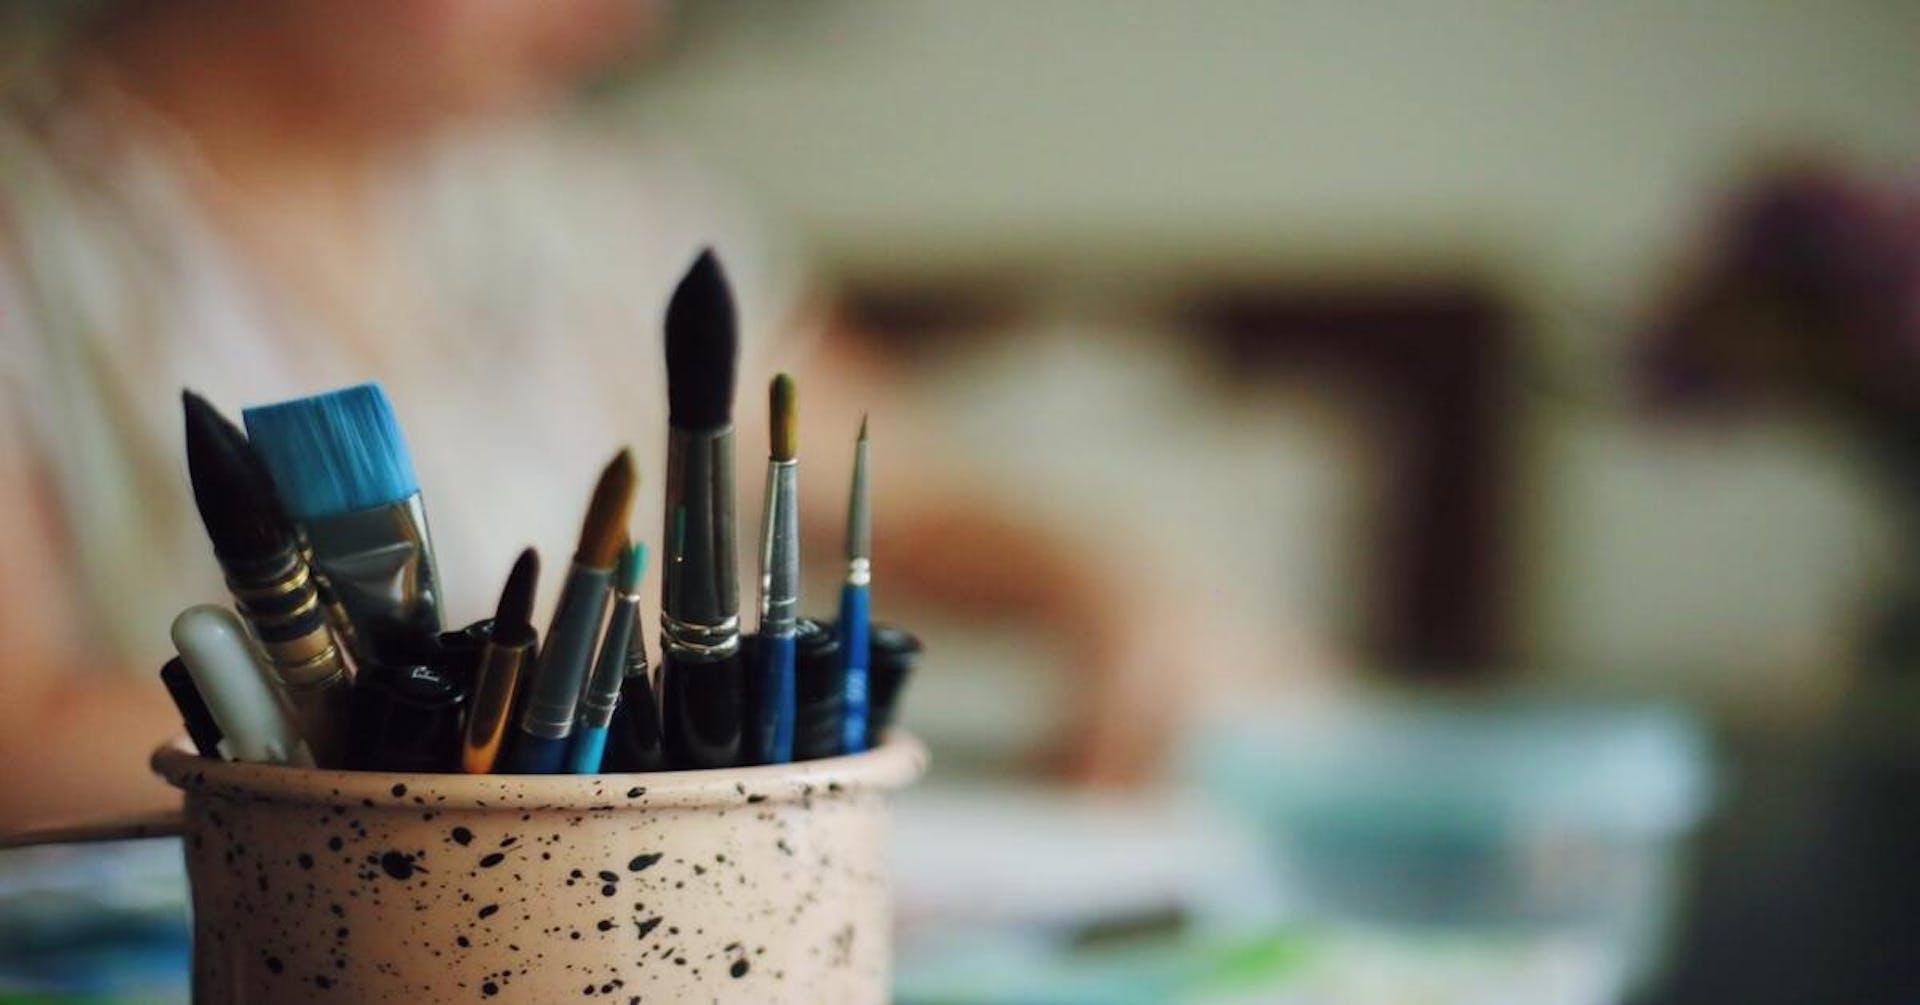 Aprende cómo quitar pintura acrílica de la ropa y pinta sin miedo